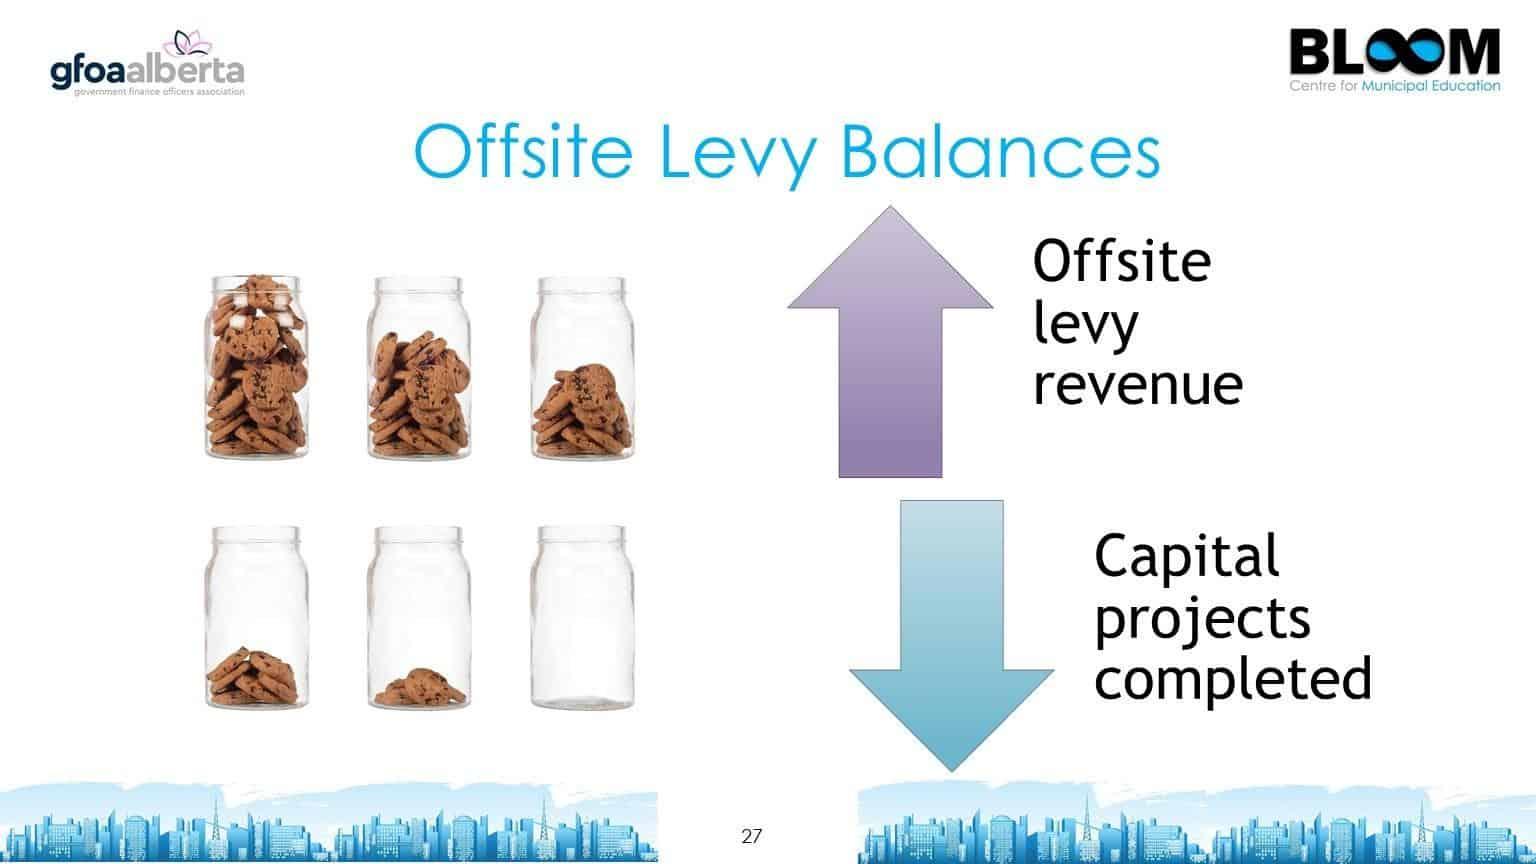 Offsite levy balances